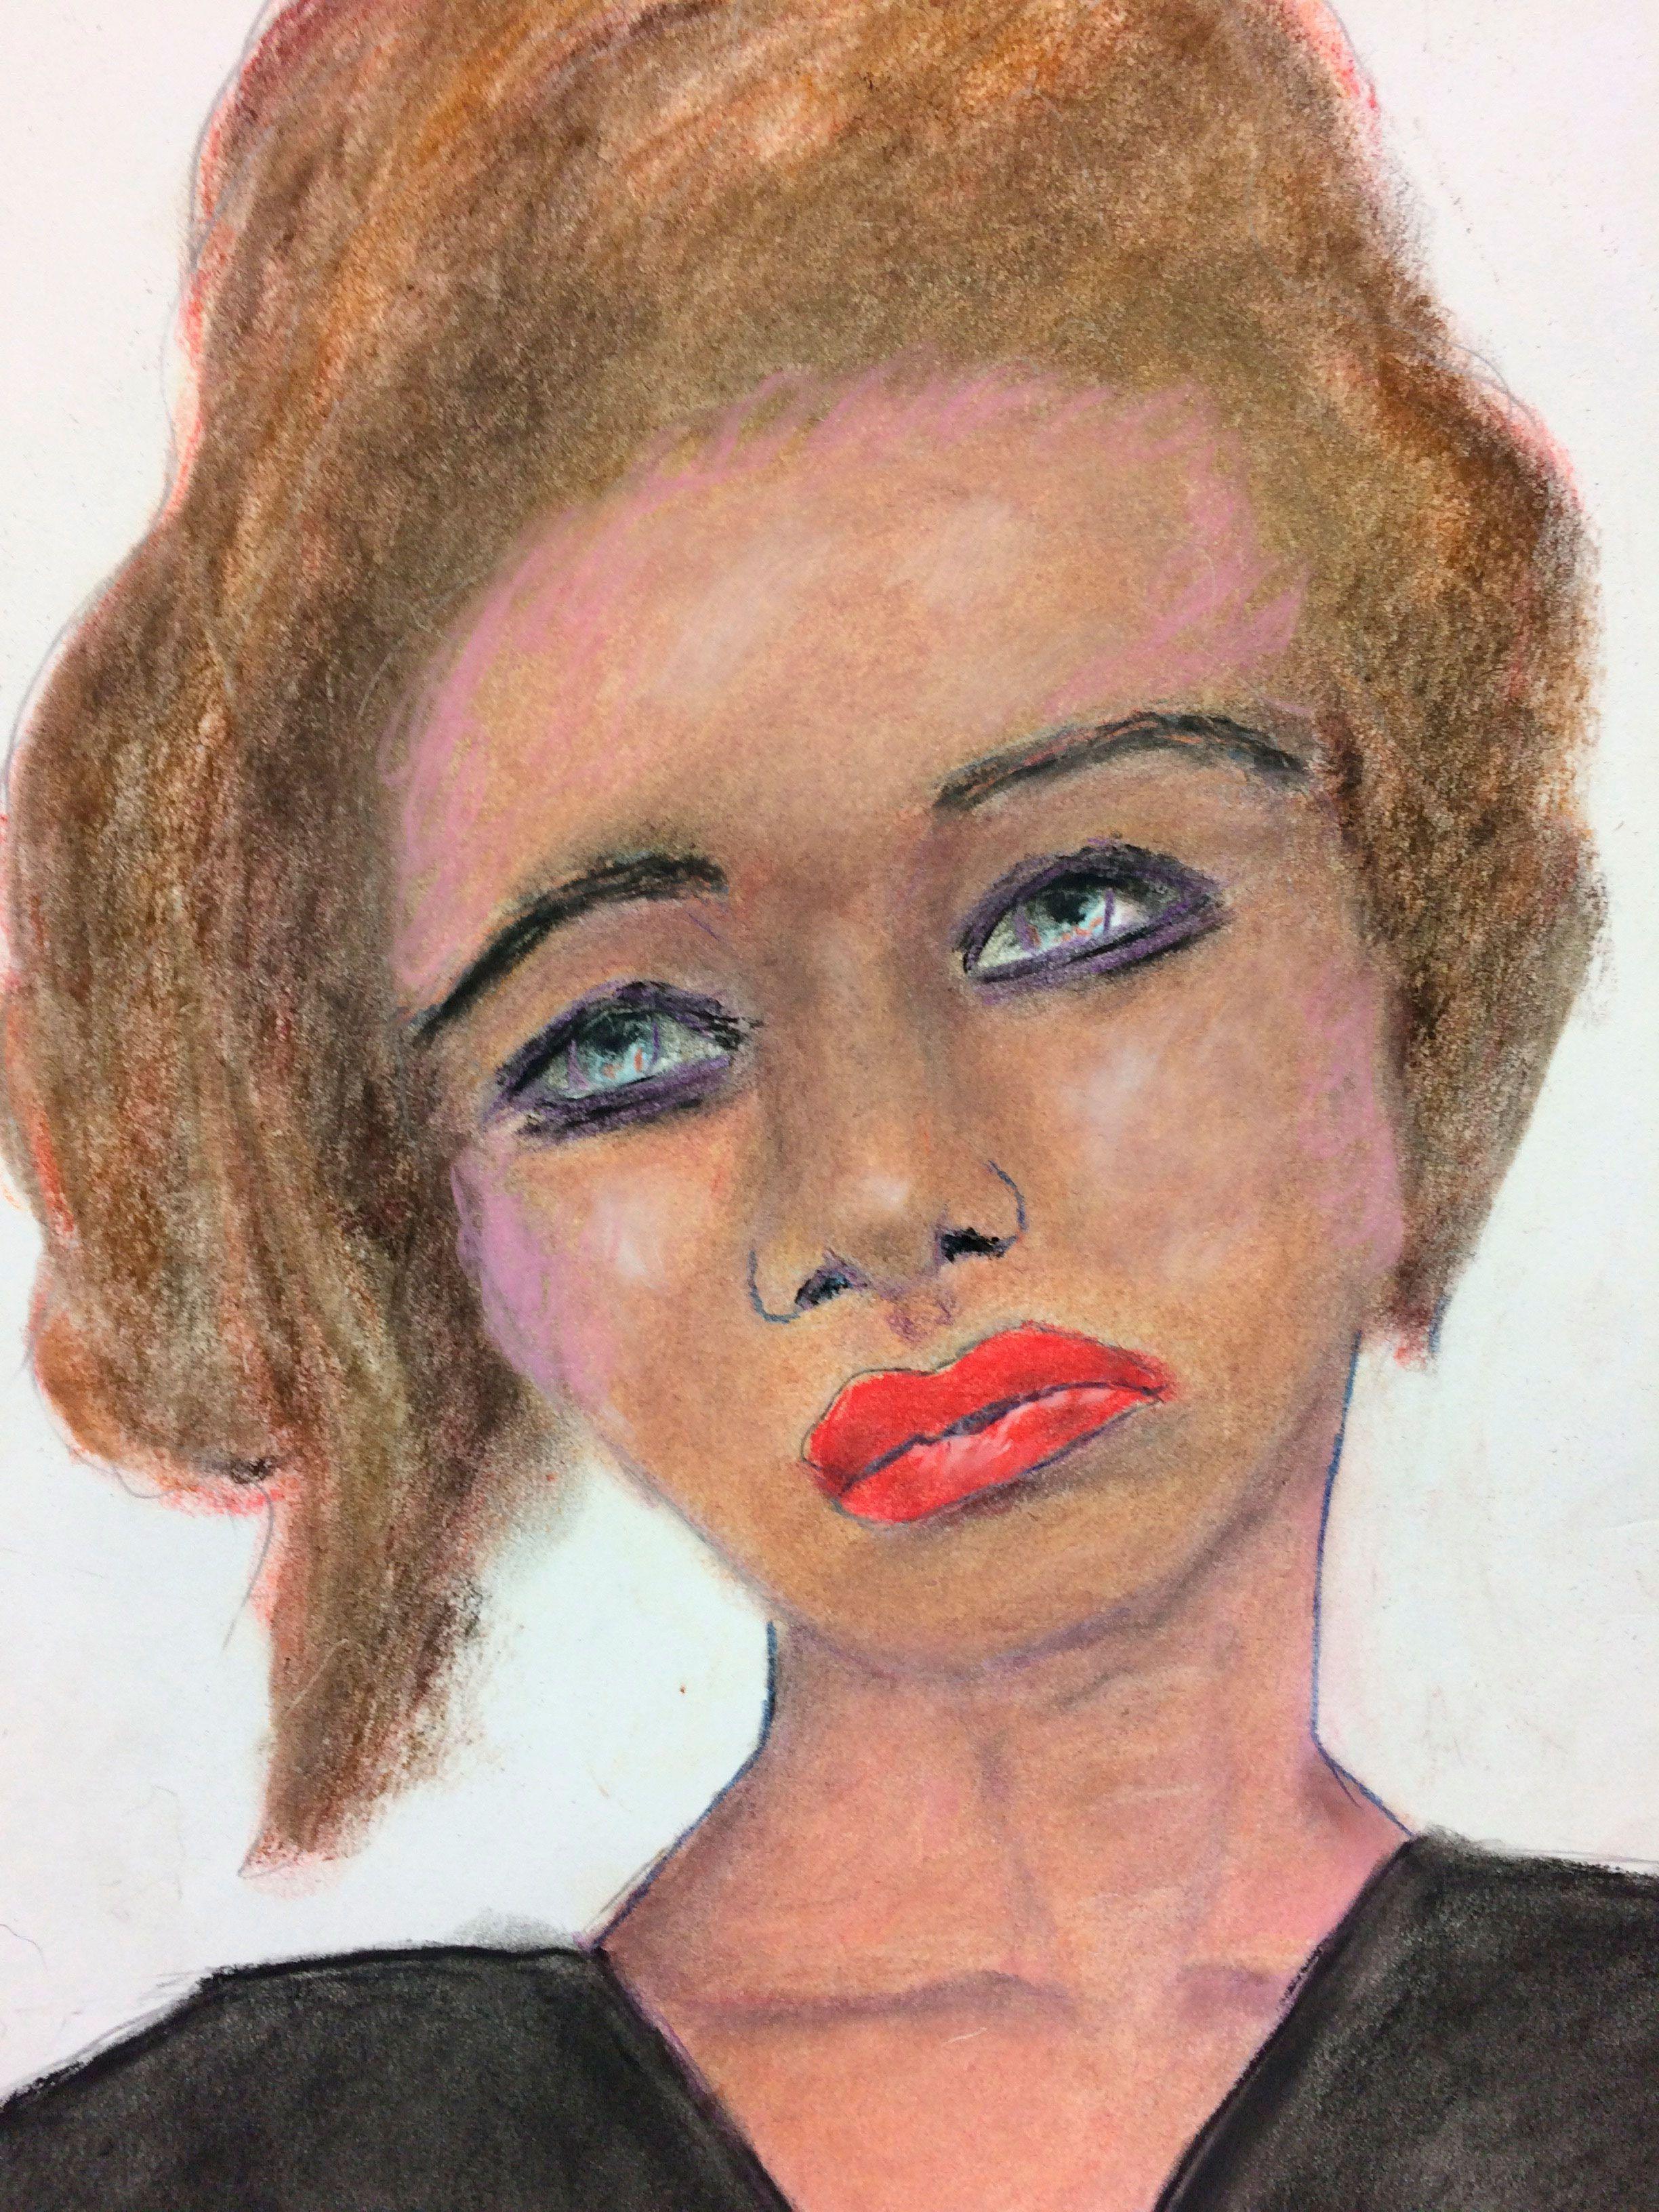 Mujer blanca de etnre 23 y 25 años, asesinada en 1996 (FBI)